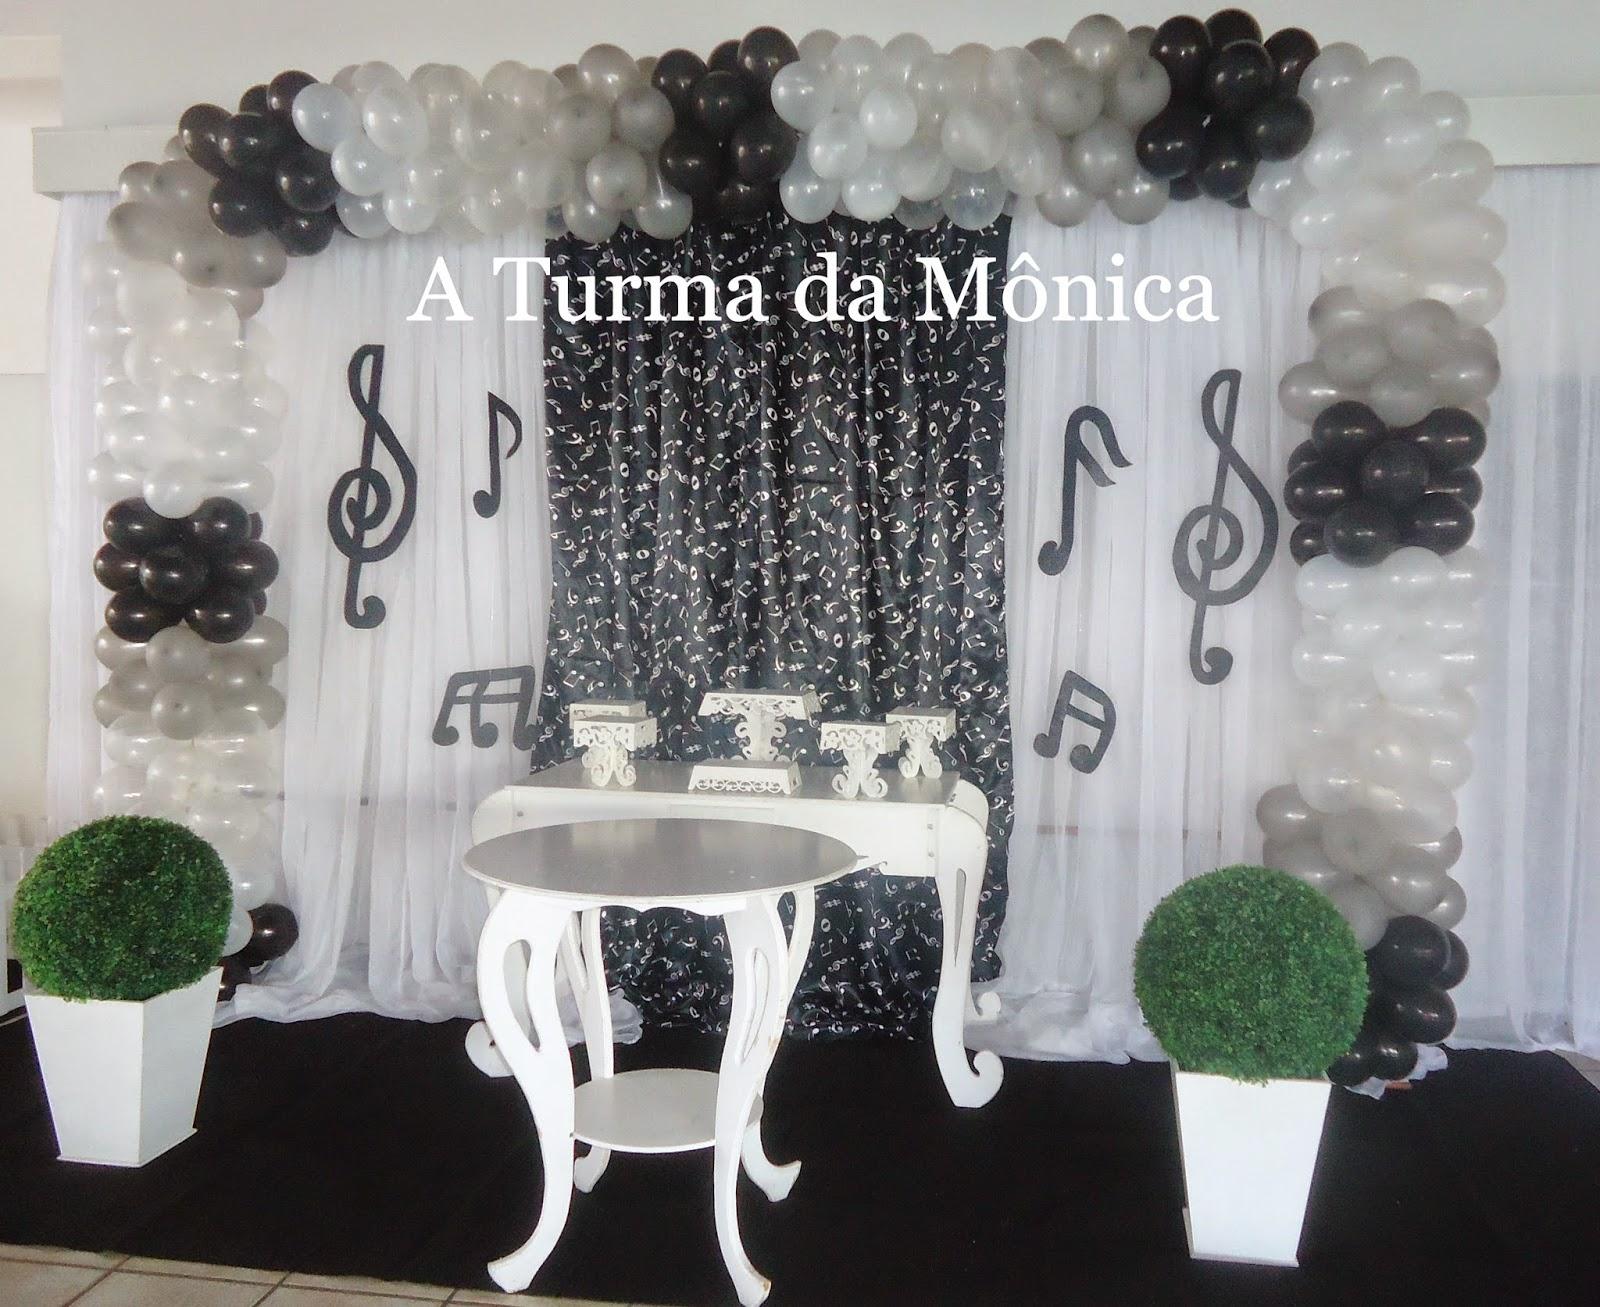 decoracao festa notas musicais:Turma da Mônica Festas: DECORAÇÃO NOTAS MUSICAIS